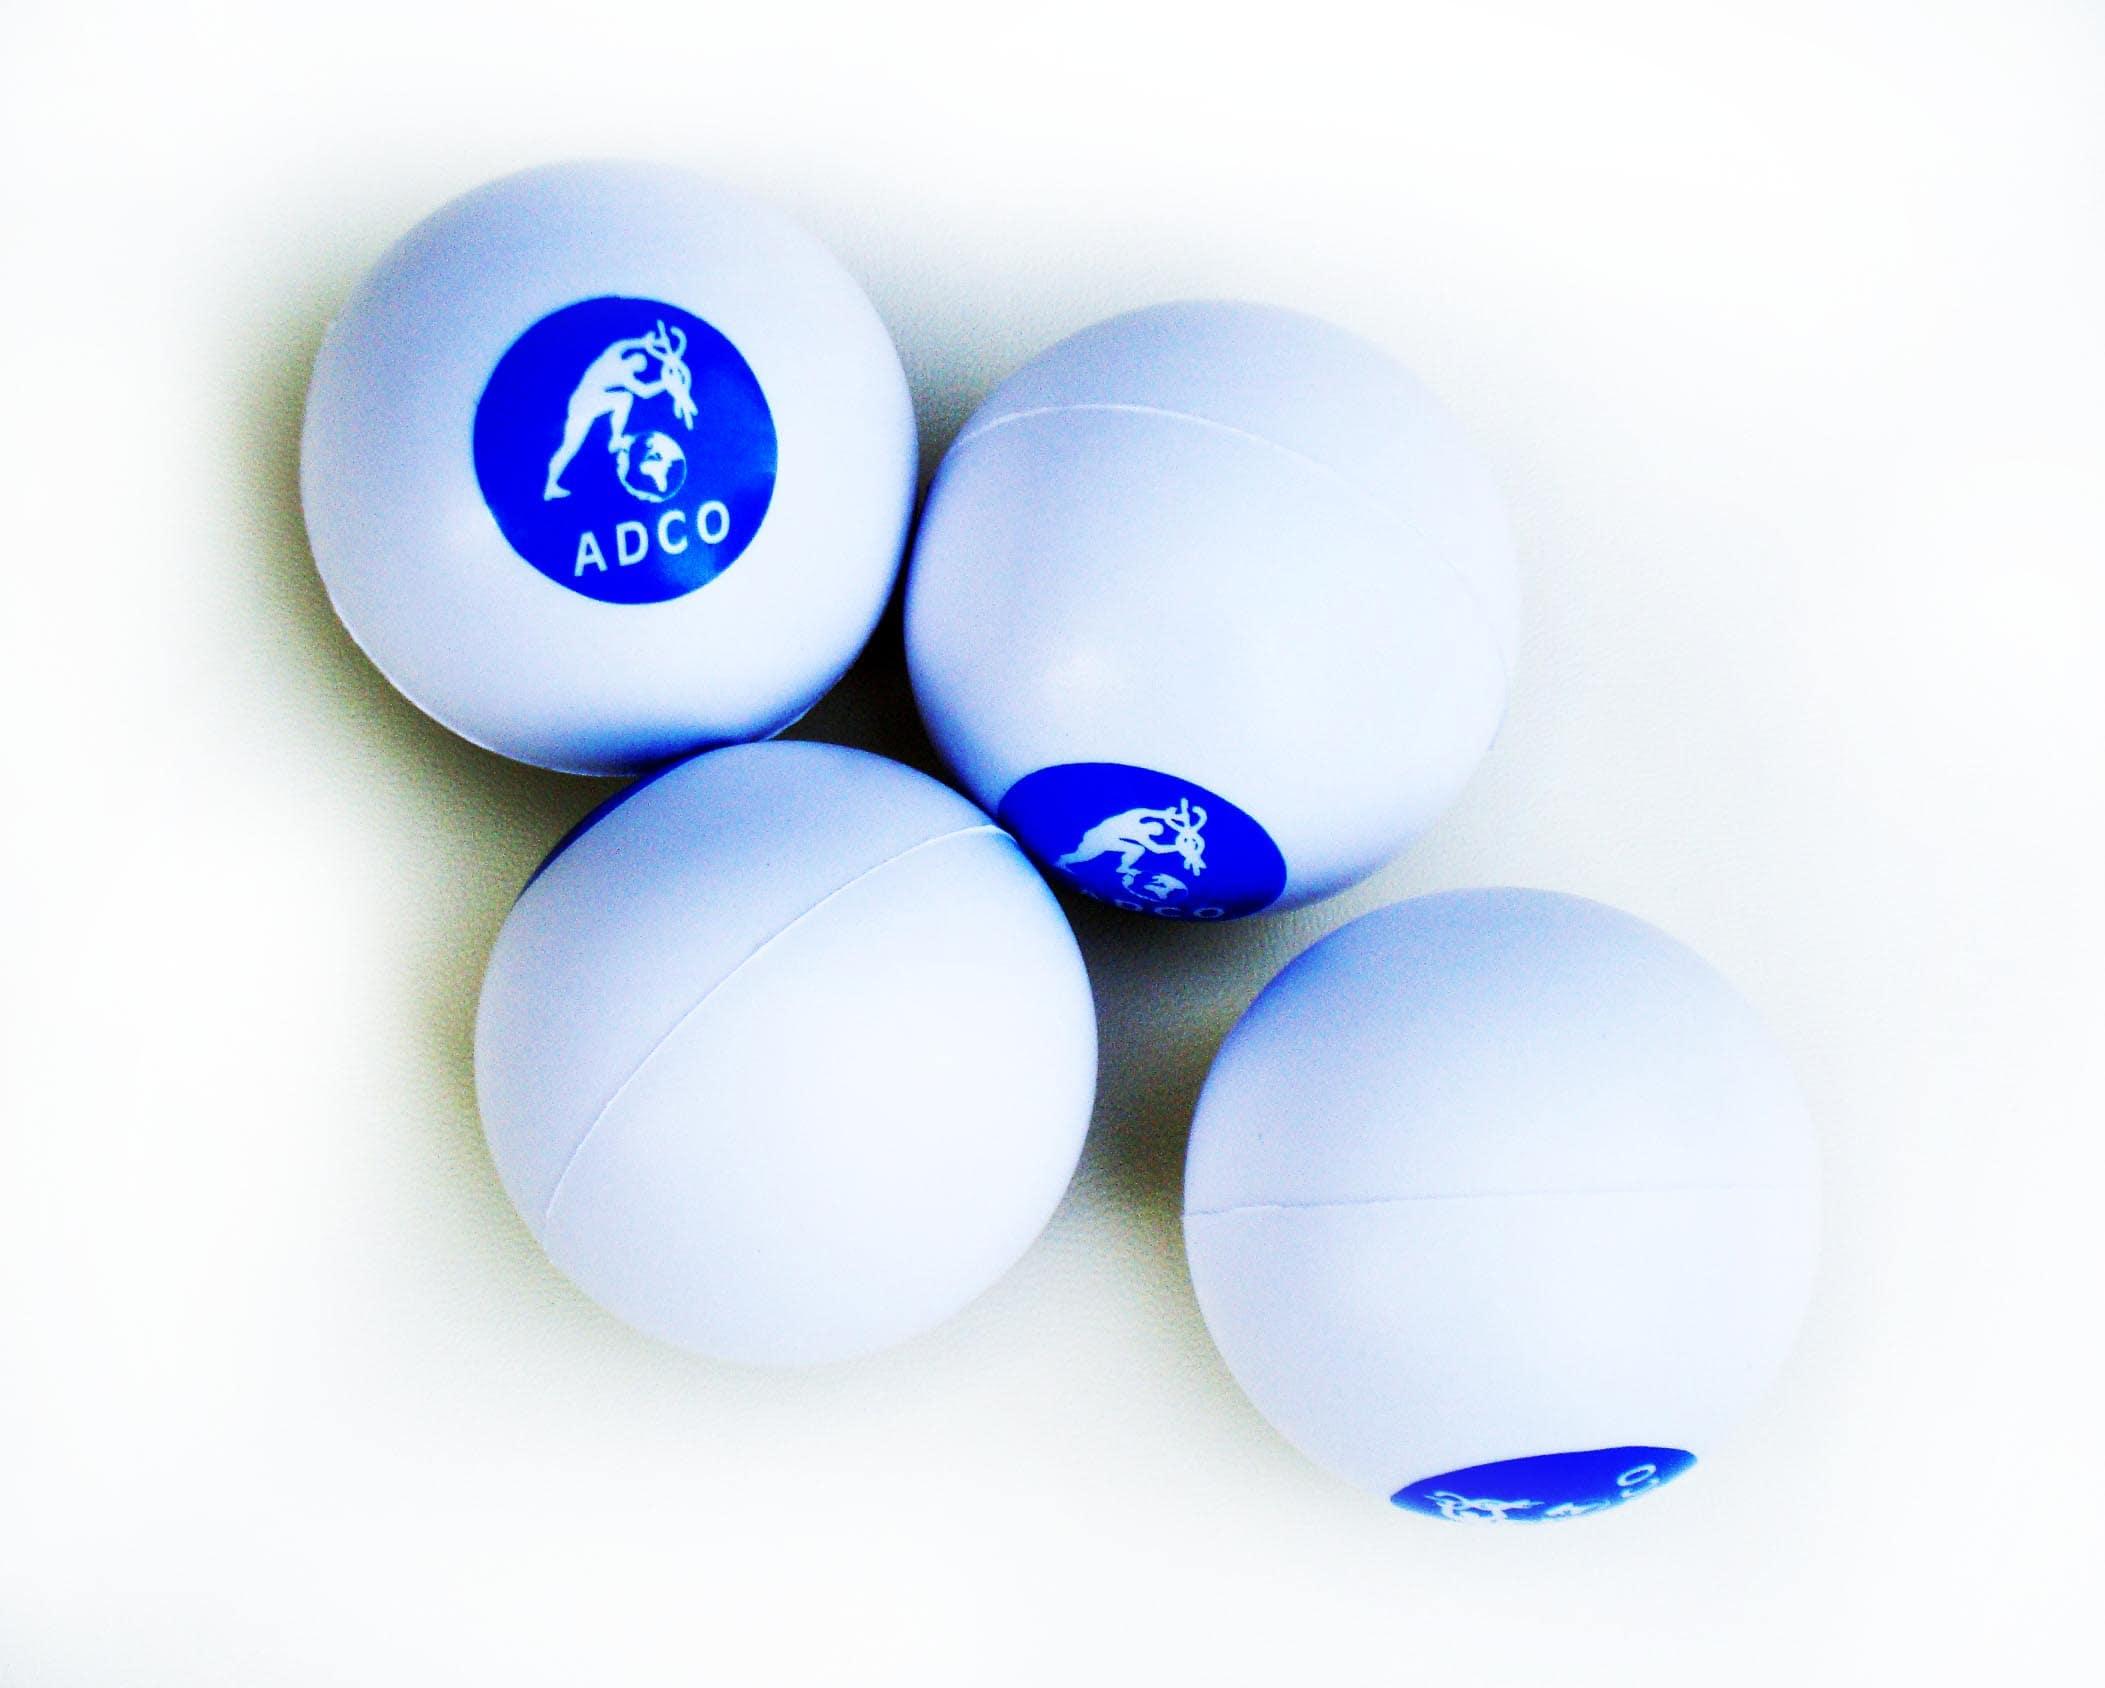 ADCO Μπαλάκια Ασκήσεως Χειρός (03400) Κατασκευασμένα από αφρό πολυουρεθάνης, Κατάλληλα για εξάσκηση των δακτύλων του χεριού (anti stress), Ένα μέγεθος, Σετ 4 τεμαχίων